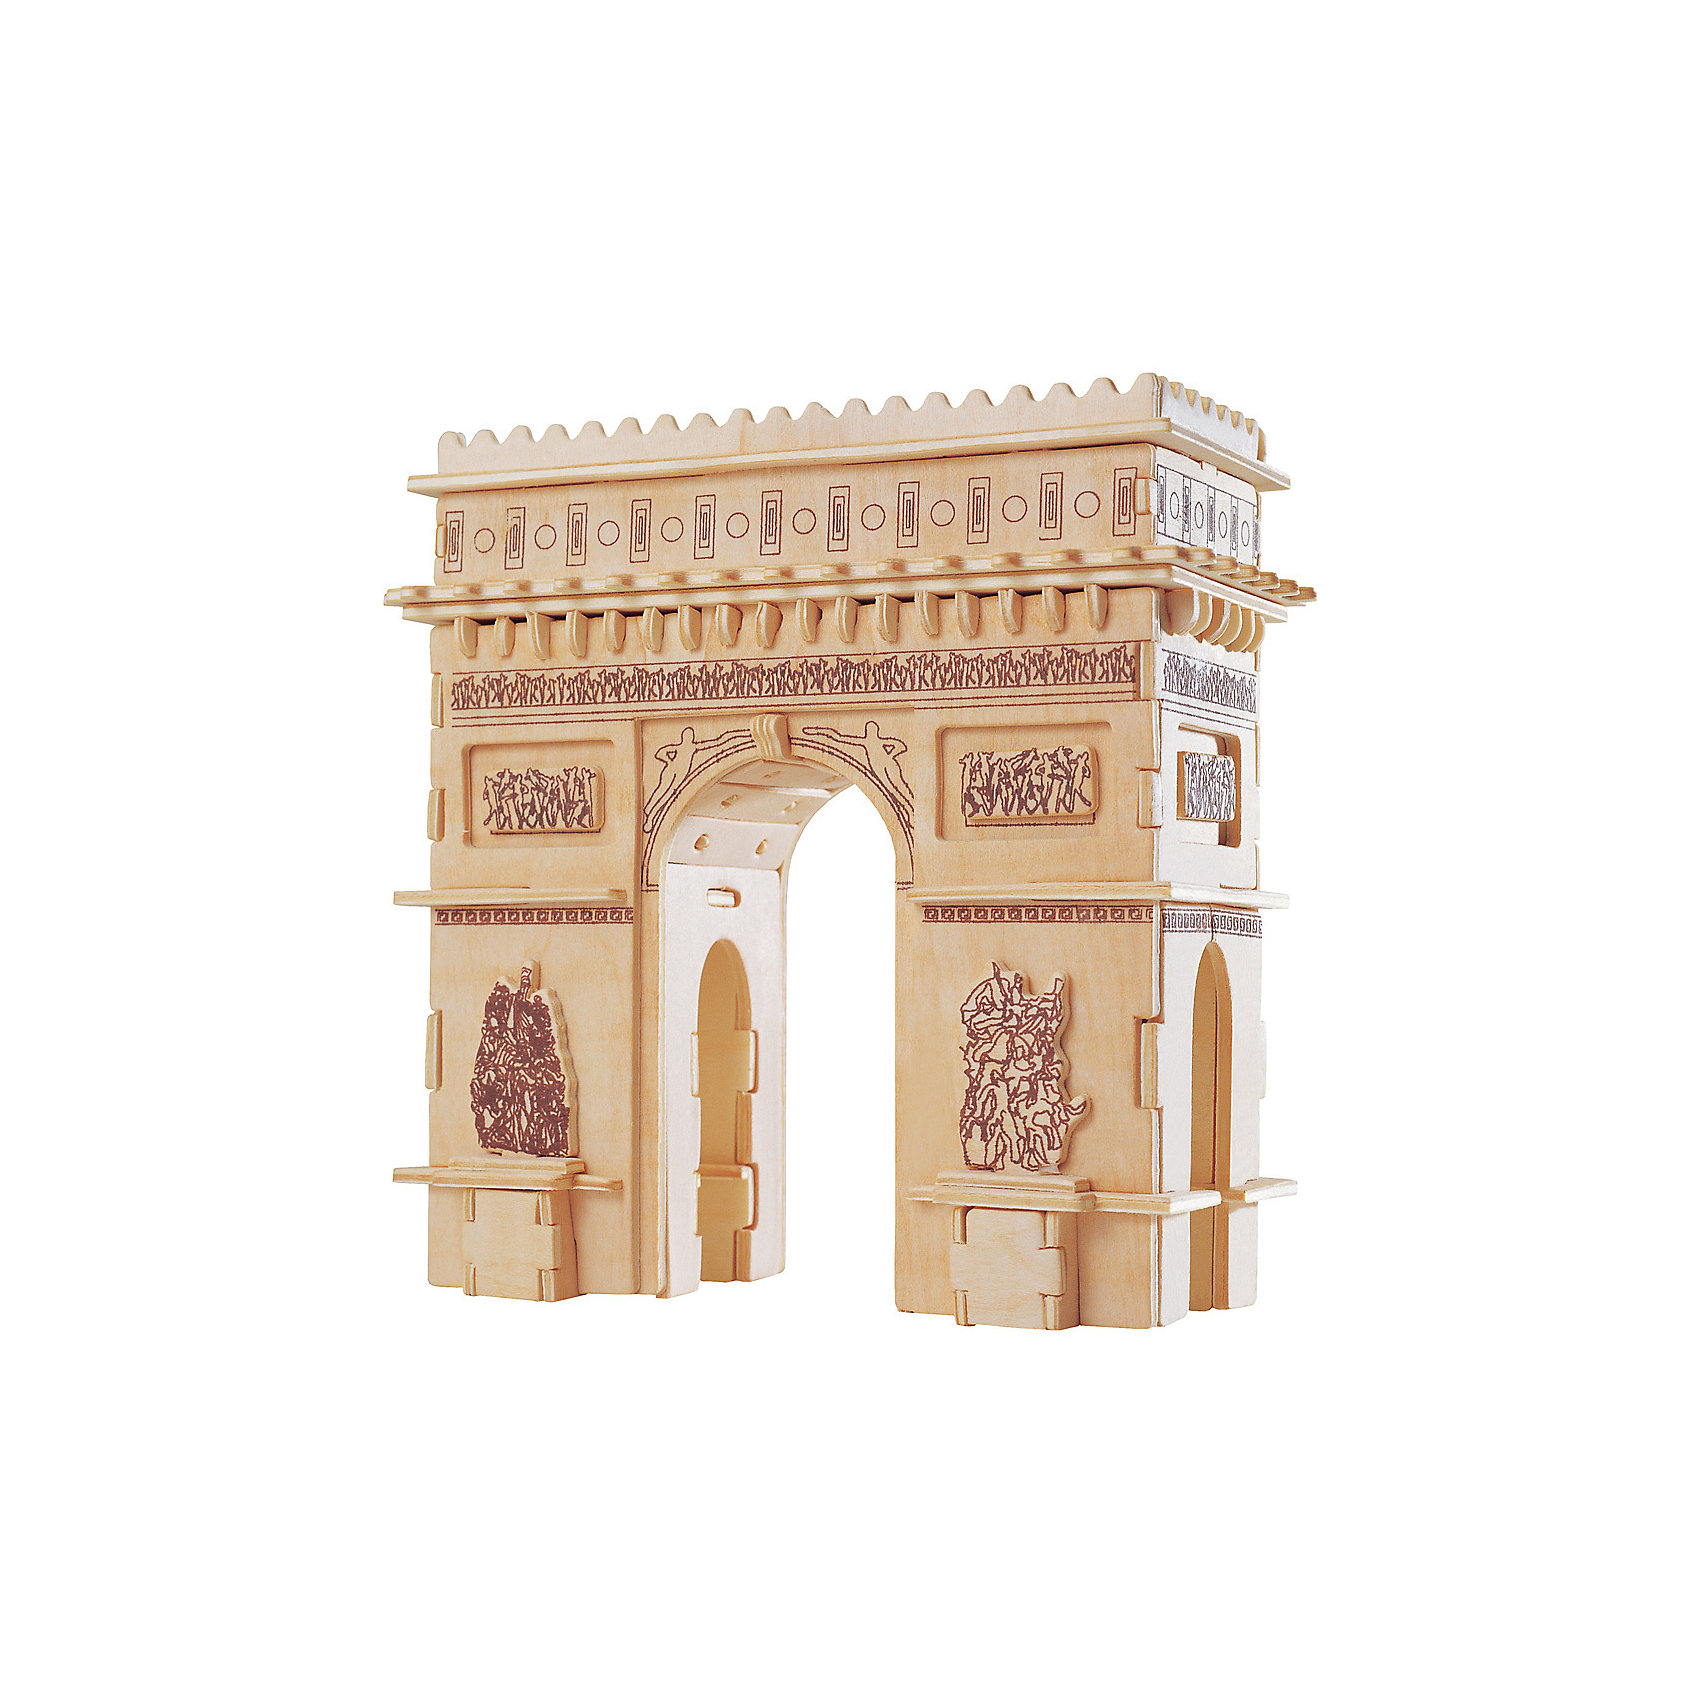 Триумфальная Арка, Мир деревянных игрушекДеревянные конструкторы<br>Удачный вариант подарка для любящего архитектуру творческого ребенка - этот набор, из которого можно самому сделать красивую деревянную фигуру! Для этого нужно выдавить из пластины с деталями элементы для сборки и соединить их. Из наборов получаются красивые очень реалистичные игрушки, которые могут стать украшением комнаты.<br>Собирая их, ребенок будет развивать пространственное мышление, память и мелкую моторику. А раскрашивая готовое произведение, дети научатся подбирать цвета и будут развивать художественные навыки. Этот набор произведен из качественных и безопасных для детей материалов - дерево тщательно обработано.<br><br>Дополнительная информация:<br><br>материал: дерево;<br>цвет: бежевый;<br>элементы: пластины с деталями для сборки, схема сборки;<br>размер упаковки: 23 х 37 см.<br><br>3D-пазл Триумфальная Арка от бренда Мир деревянных игрушек можно купить в нашем магазине.<br><br>Ширина мм: 350<br>Глубина мм: 50<br>Высота мм: 225<br>Вес г: 450<br>Возраст от месяцев: 36<br>Возраст до месяцев: 144<br>Пол: Унисекс<br>Возраст: Детский<br>SKU: 4969175